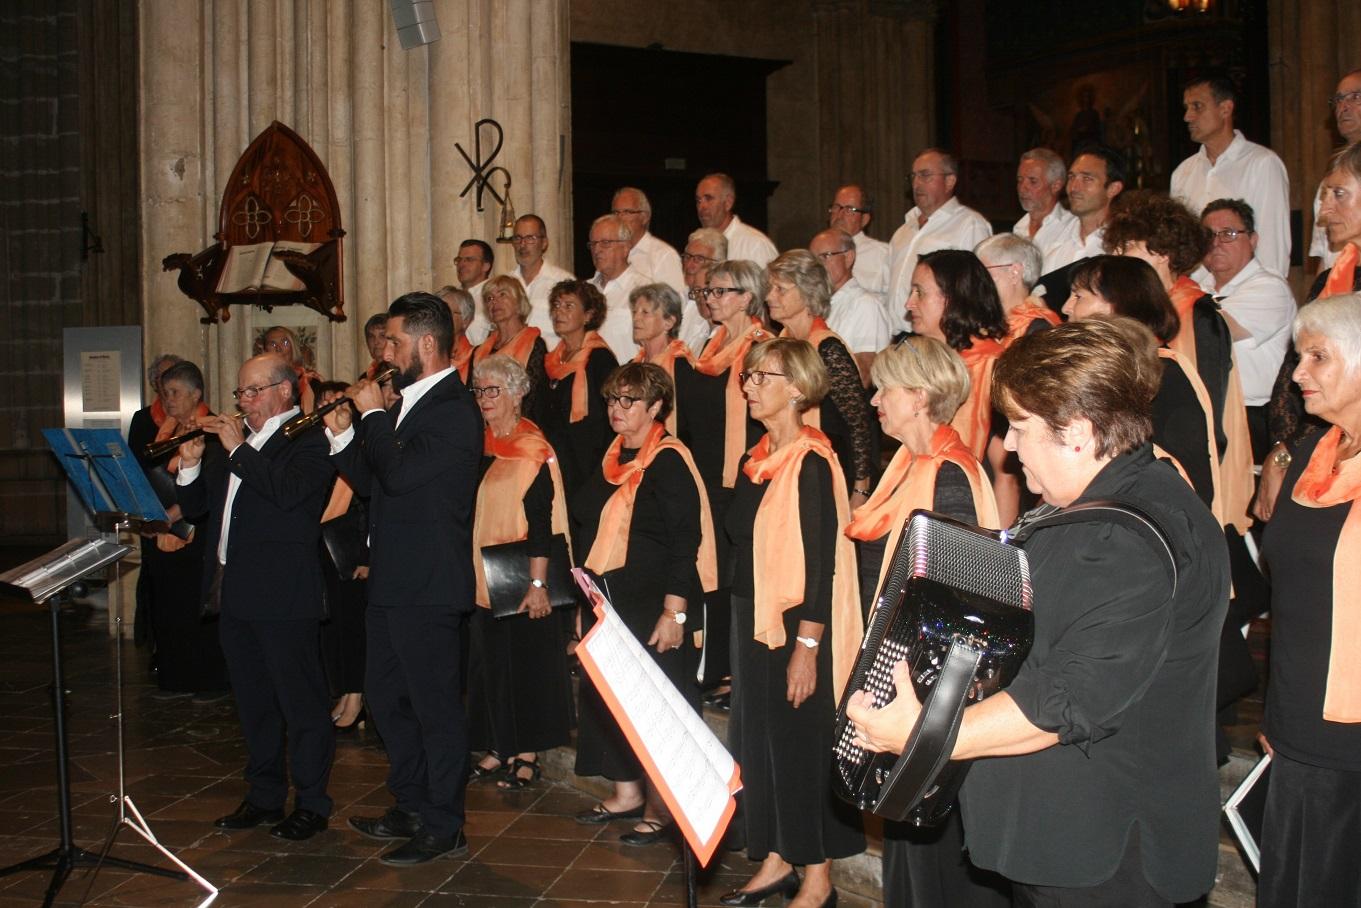 XARAMELA fête les 50 ans de l'église Sainte Croix le 15 septembre 2019 à Bayonne (64)